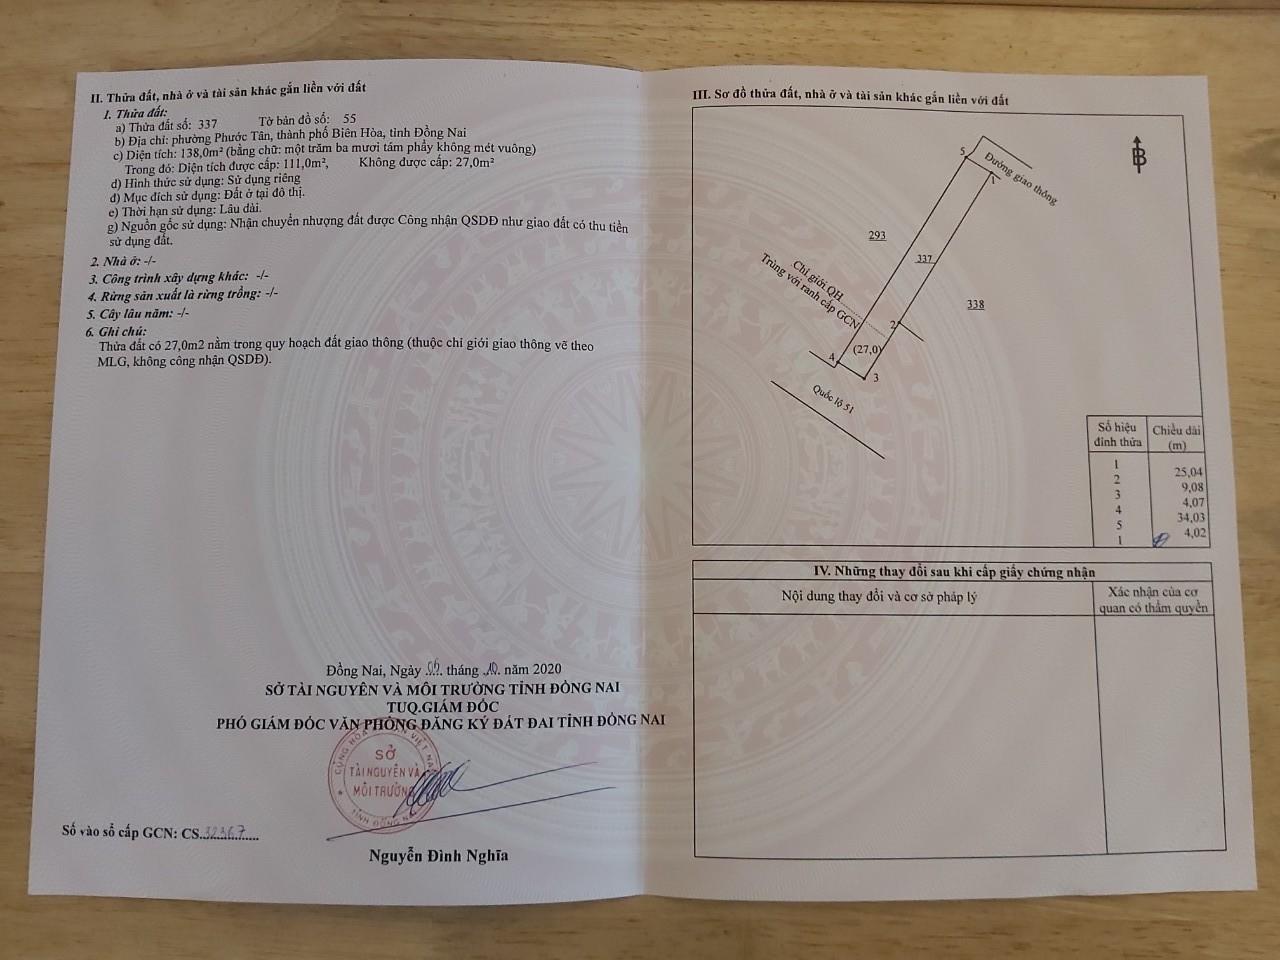 Bán nhà mặt tiền Quốc Lộ 51 dt 138m2 Phường Phước Tân, TP Biên Hoà giá 5.2 tỷ